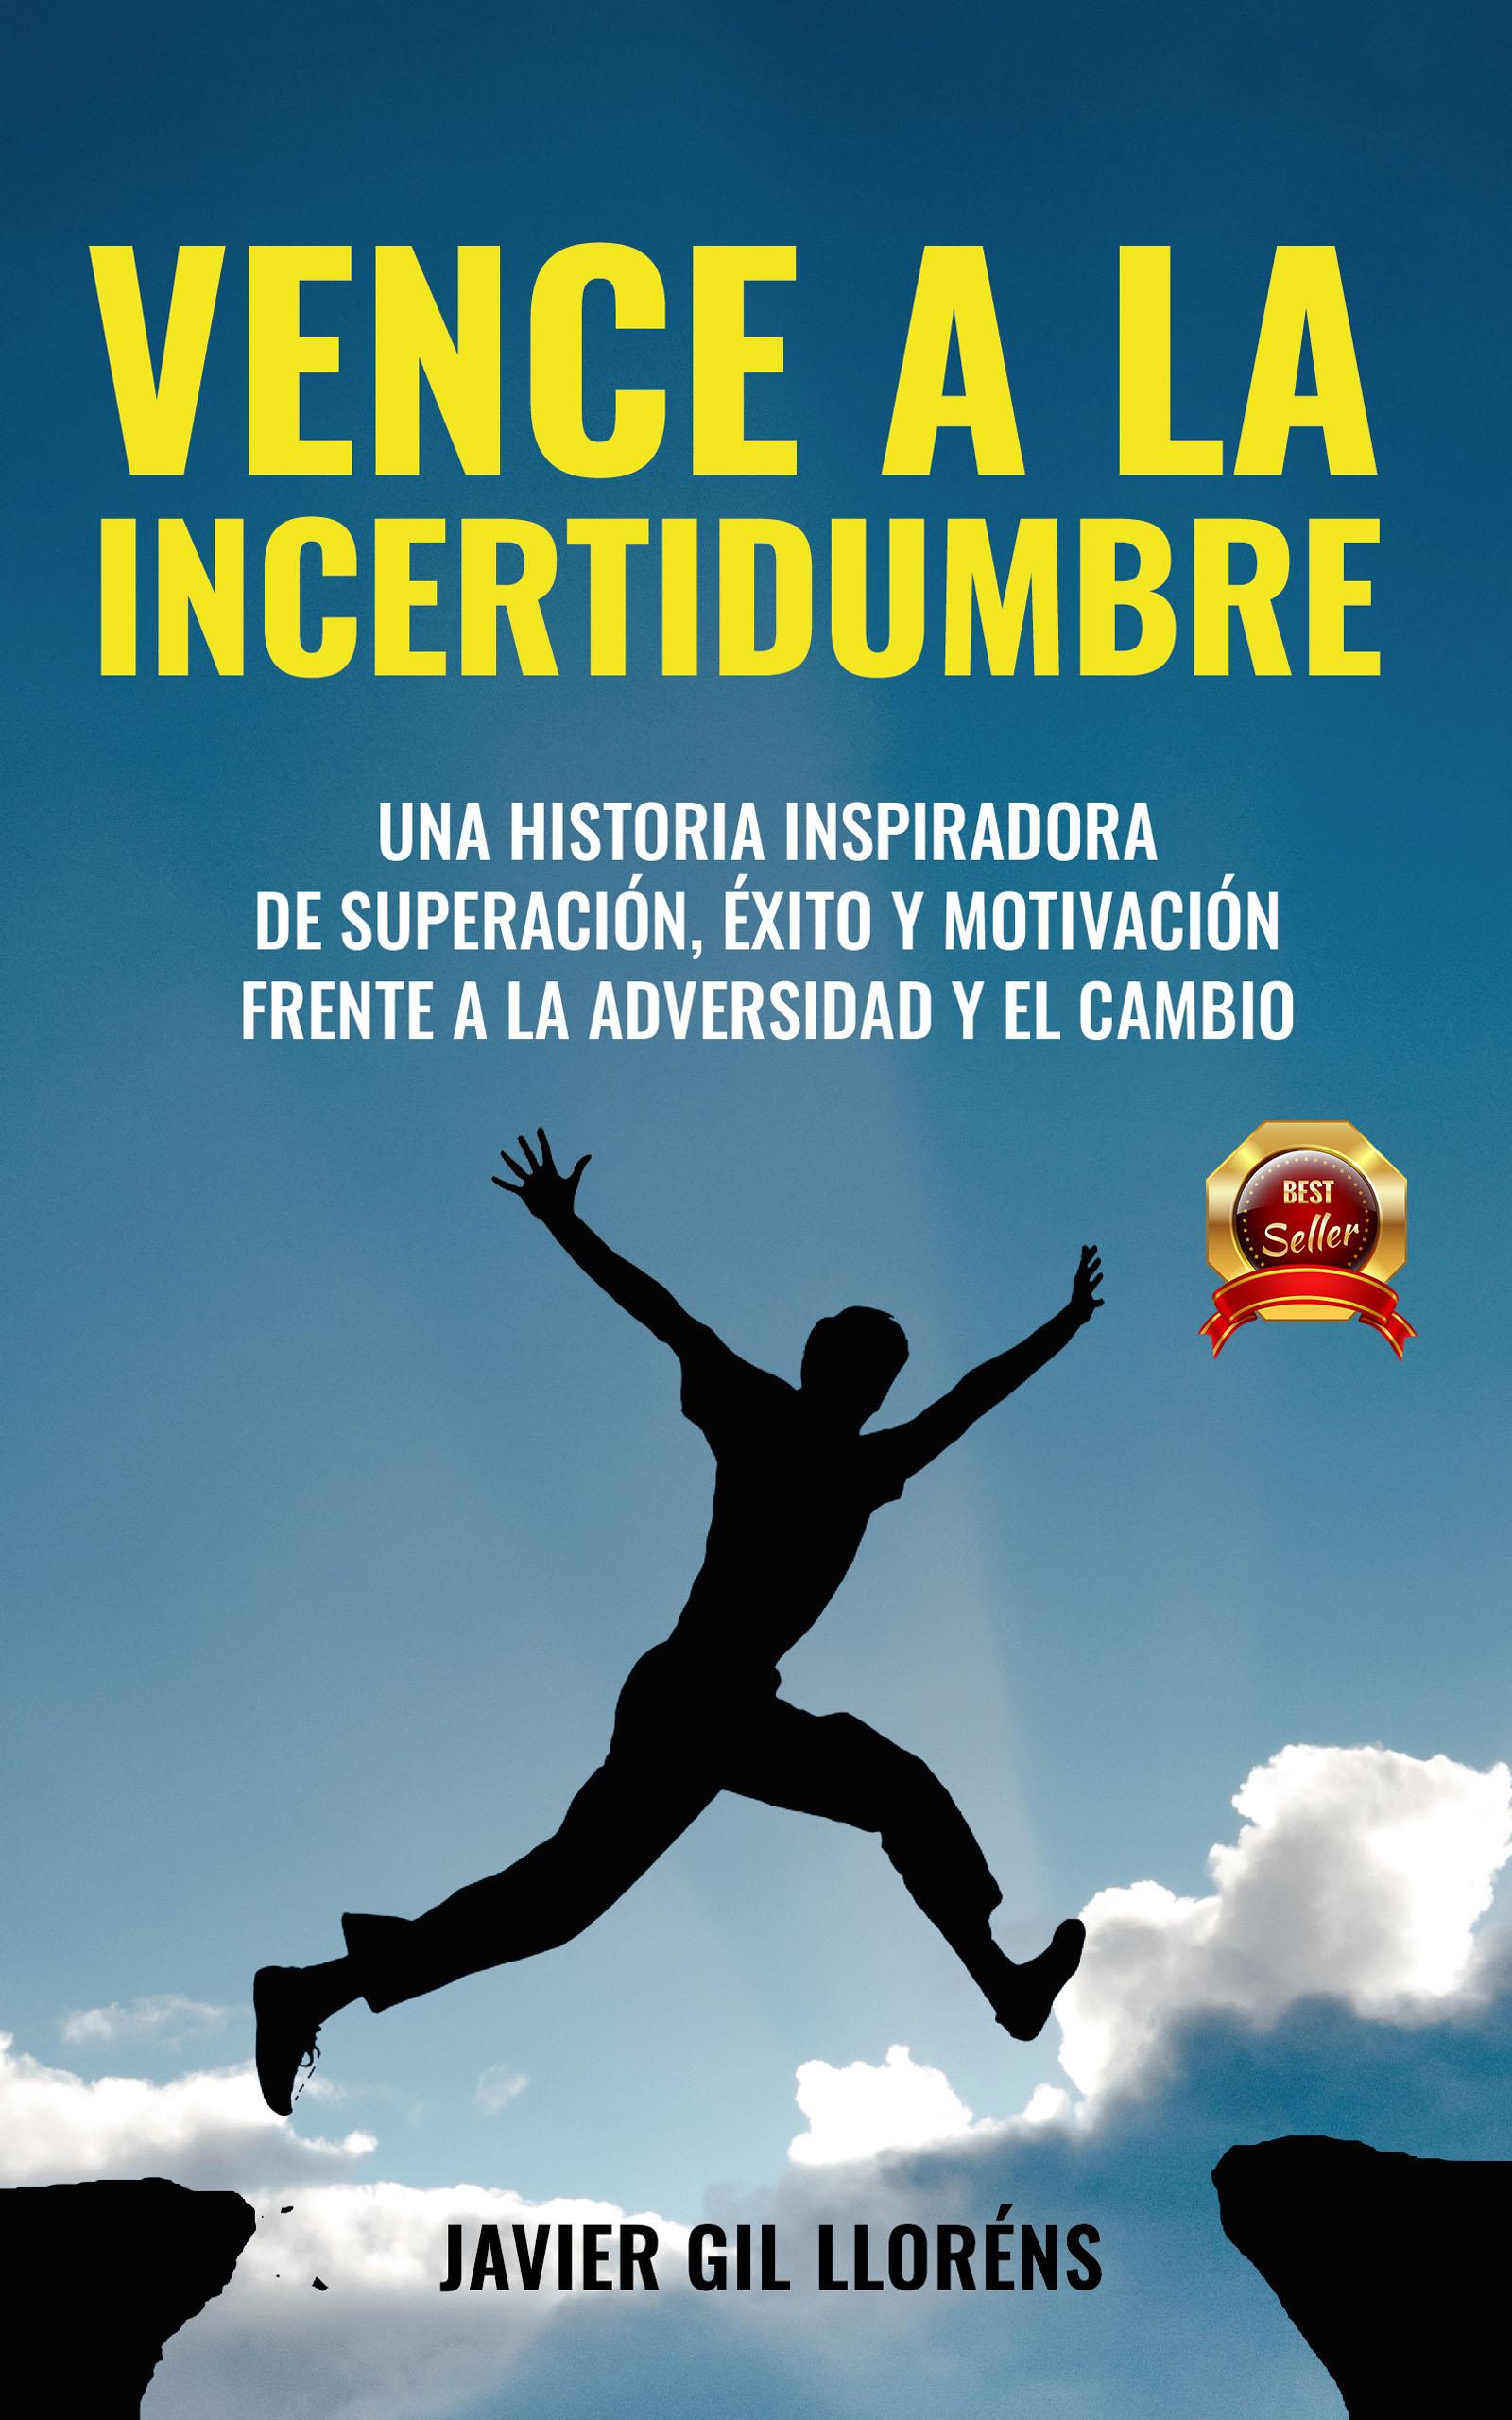 Vence la incertidumbre, de Javier Gil Lloréns